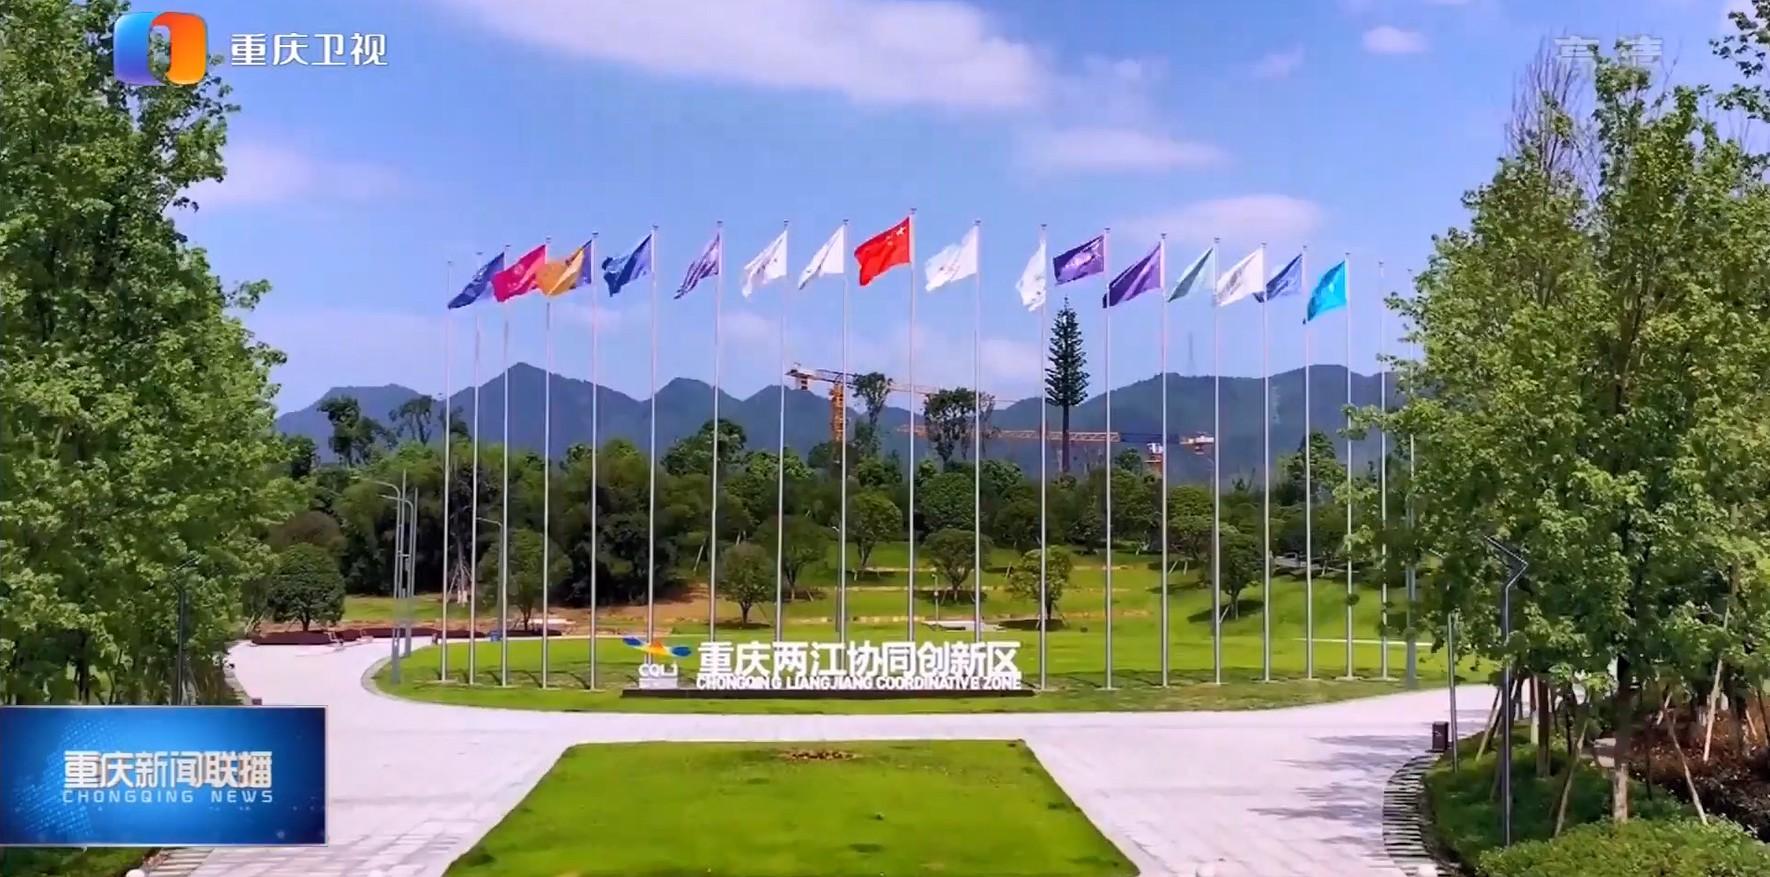 重庆:着眼融入新发展格局 打造未来发展新优势